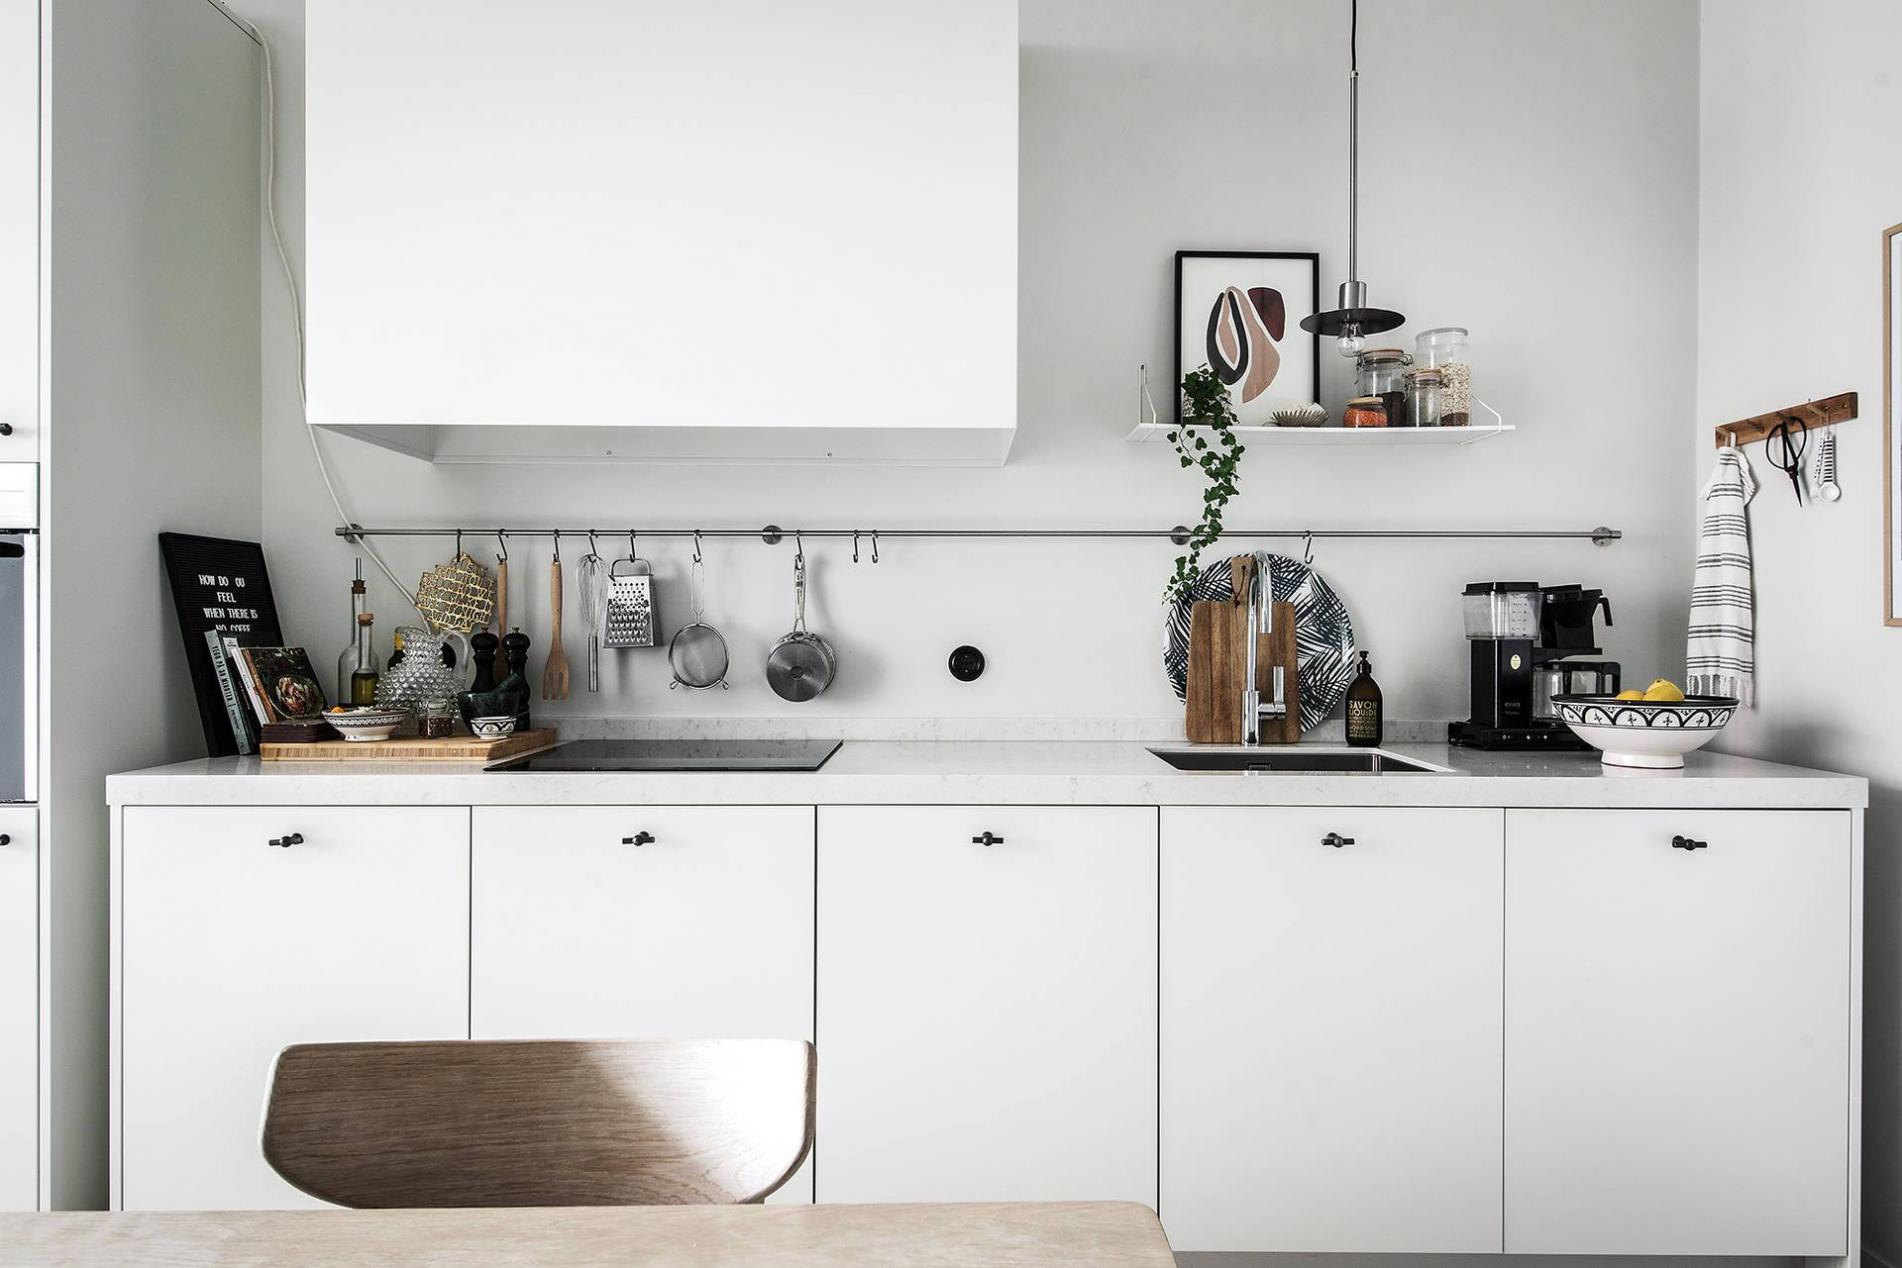 Tủ bếp được thiết kế với tone màu trắng và các kệ treo đơn giản, gọn gàng cho căn hộ chung cư 90m2